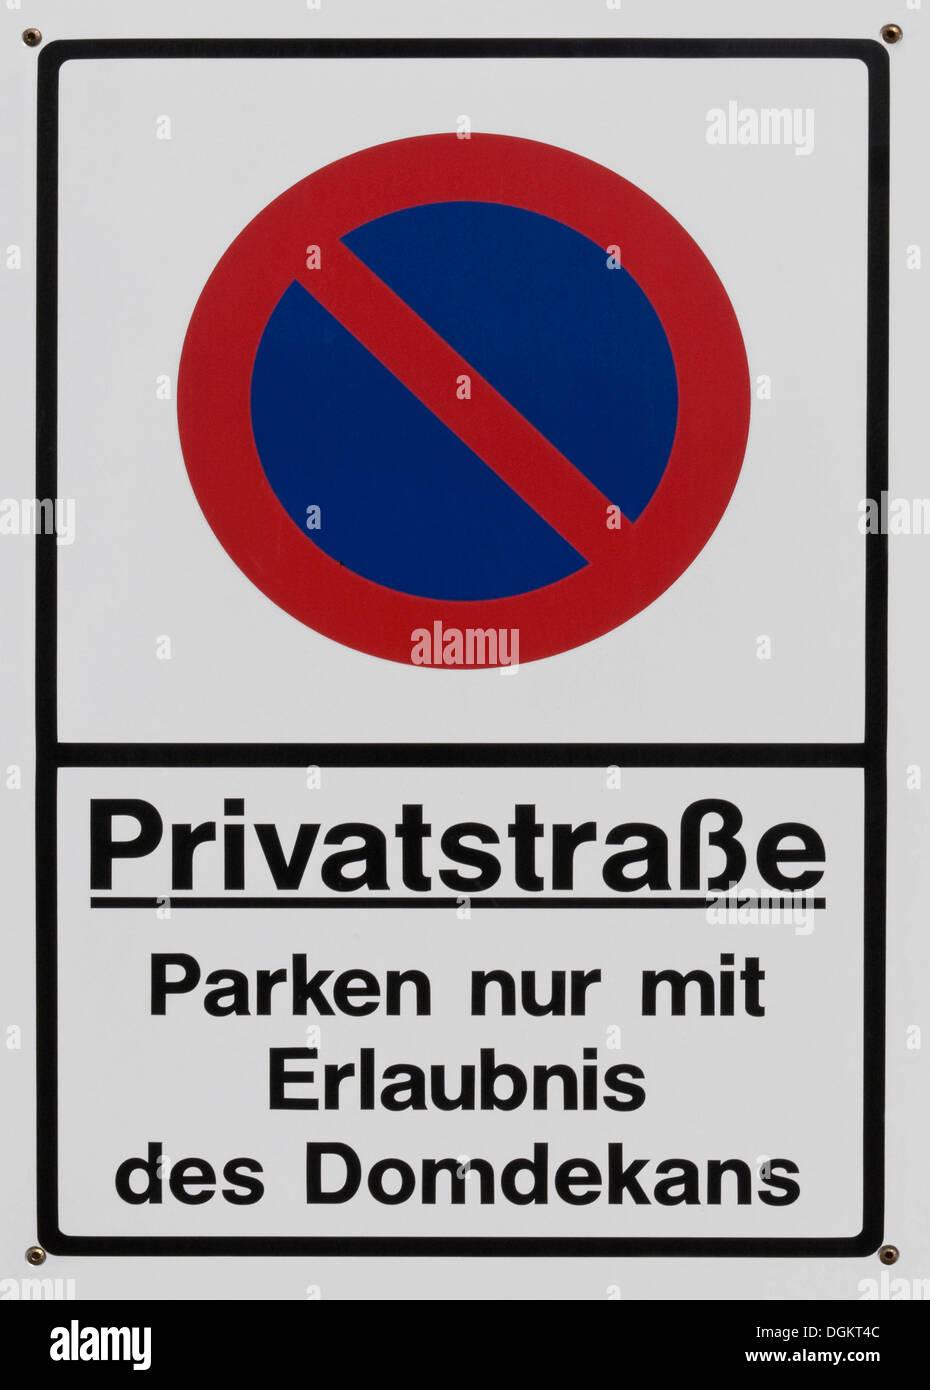 Firmar, calle privada, aparcamiento sólo con el permiso del decano Foto de stock